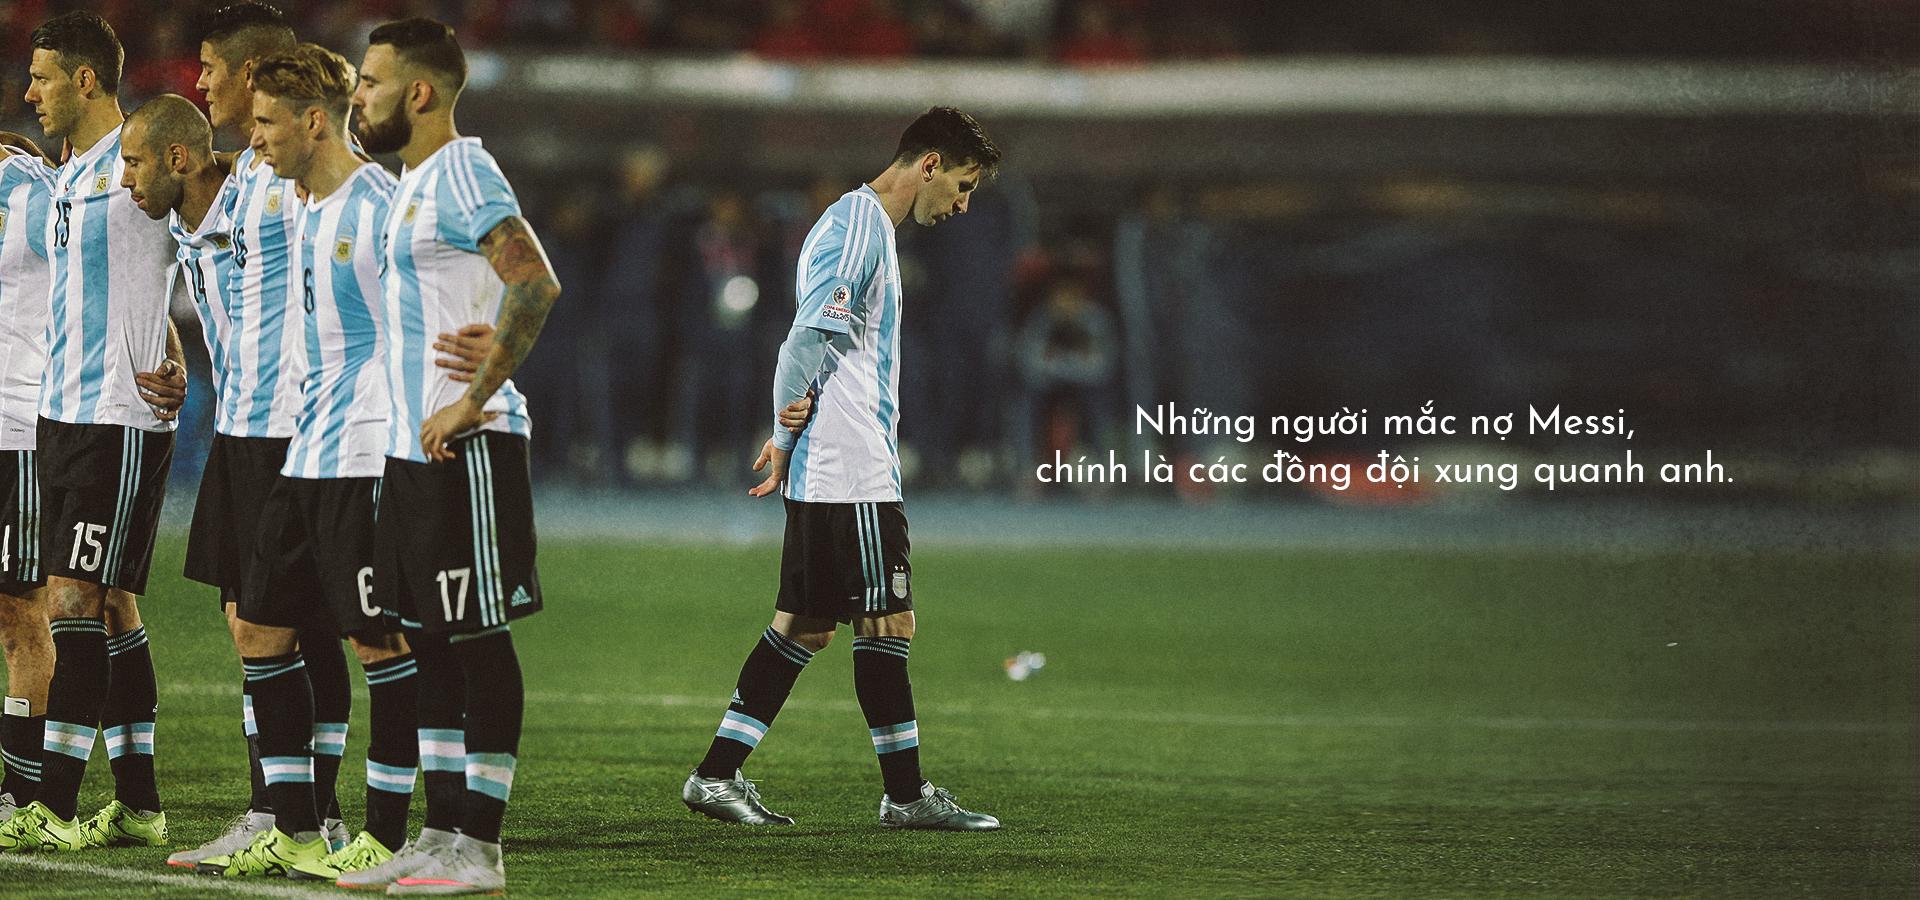 Tuyển Argentina hay Tuyển của Messi? - Messi sợ điều gì? - Ảnh 3.